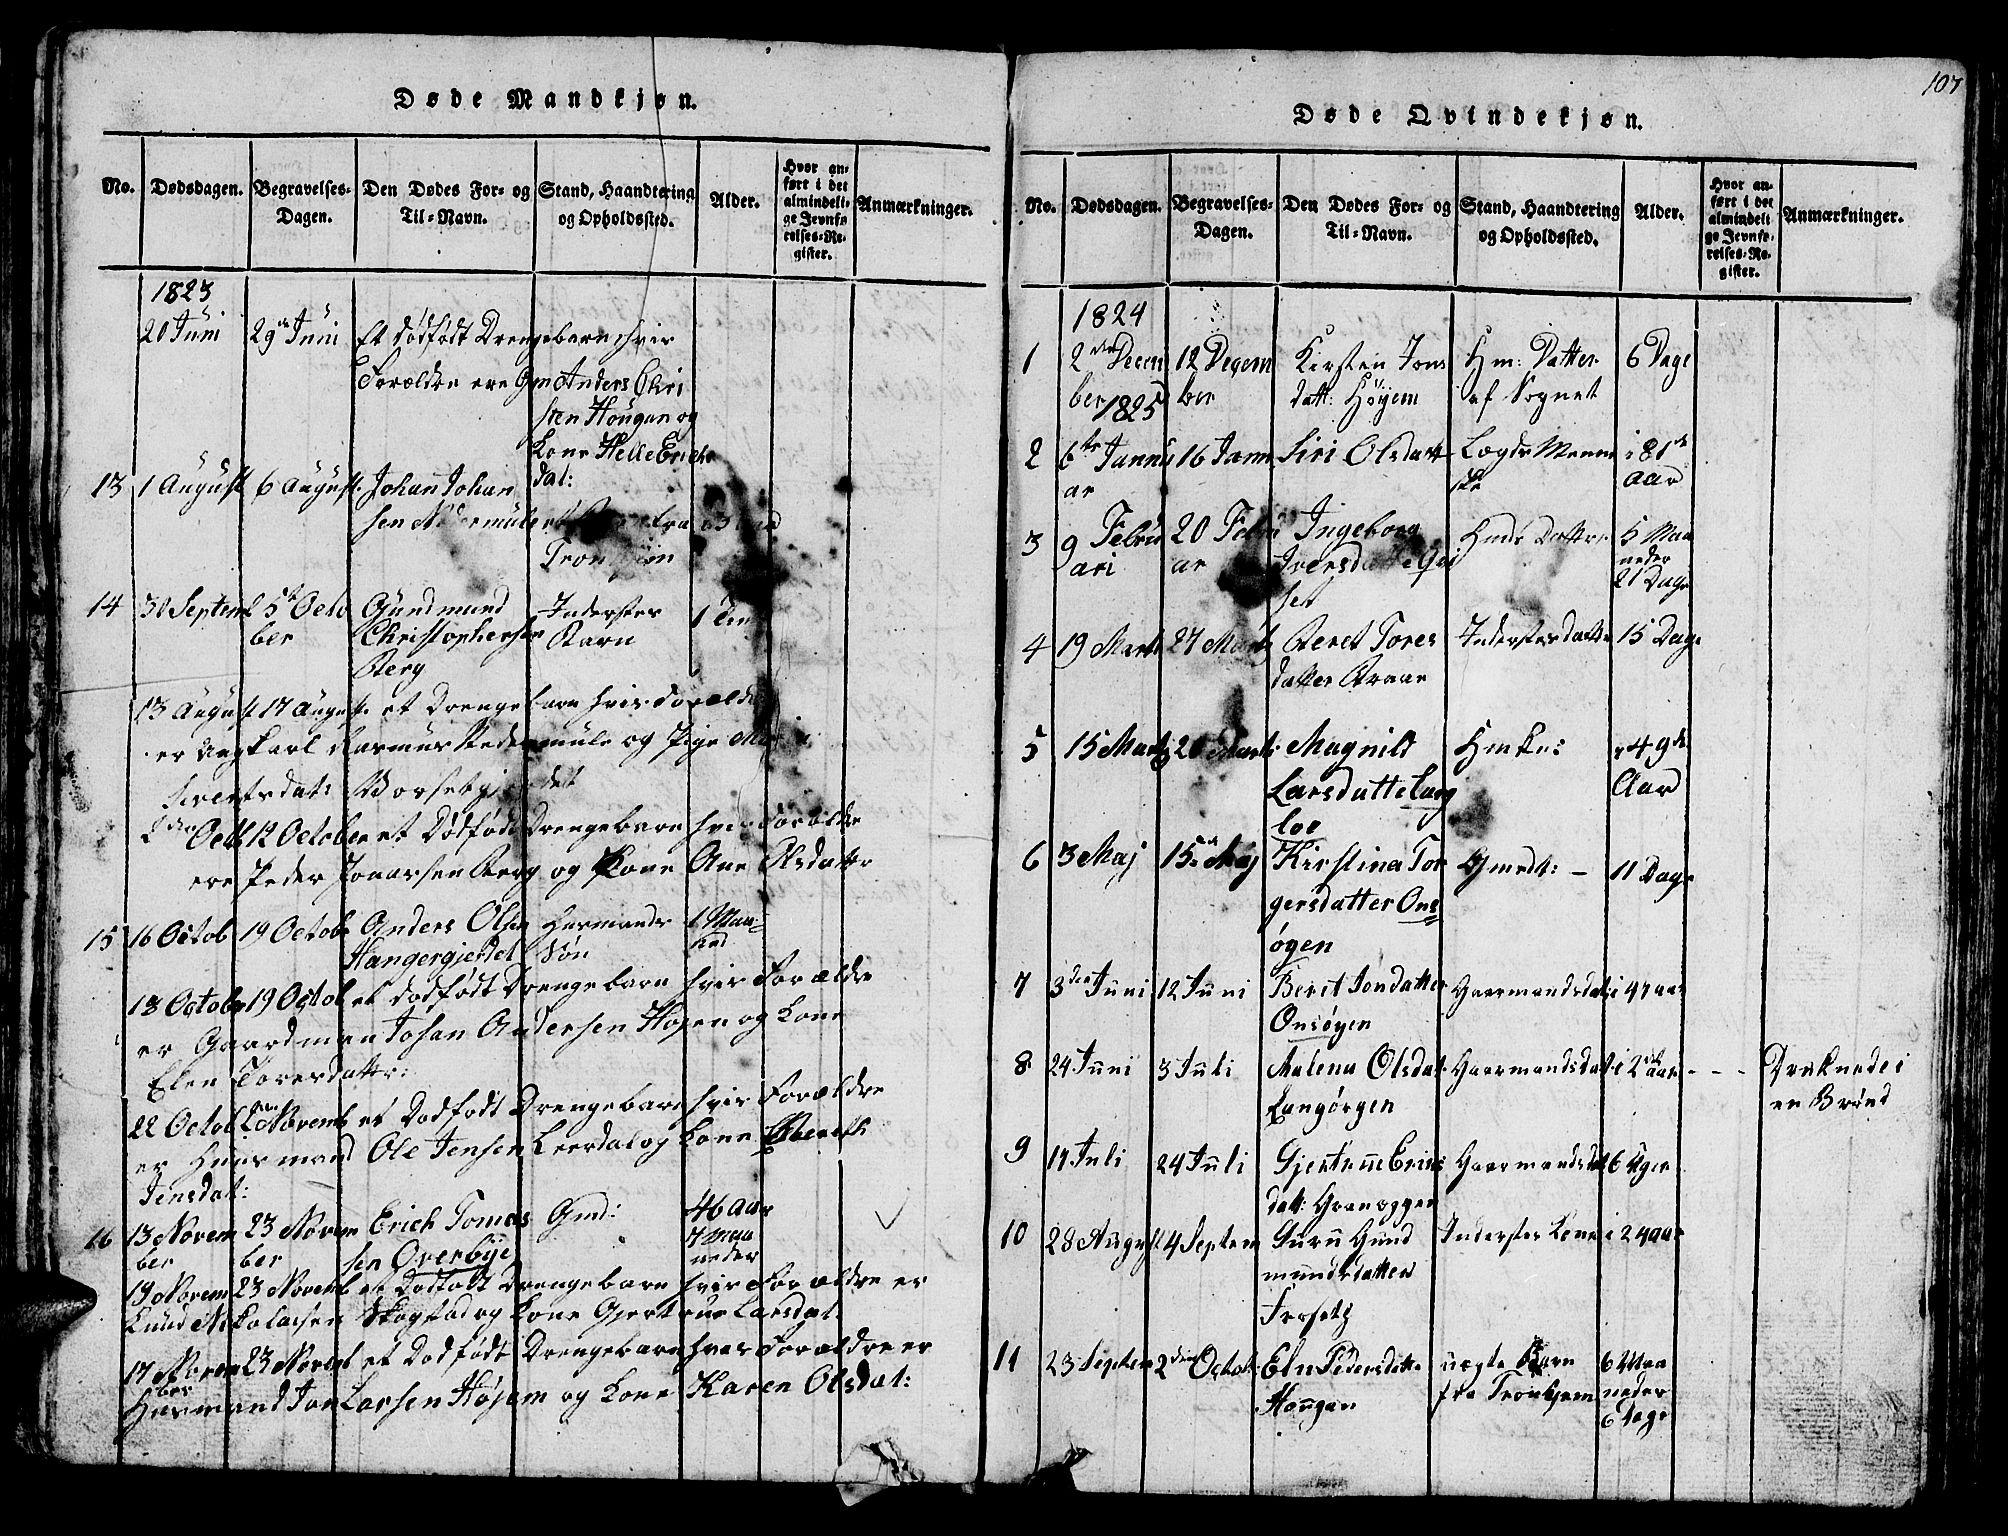 SAT, Ministerialprotokoller, klokkerbøker og fødselsregistre - Sør-Trøndelag, 612/L0385: Klokkerbok nr. 612C01, 1816-1845, s. 107